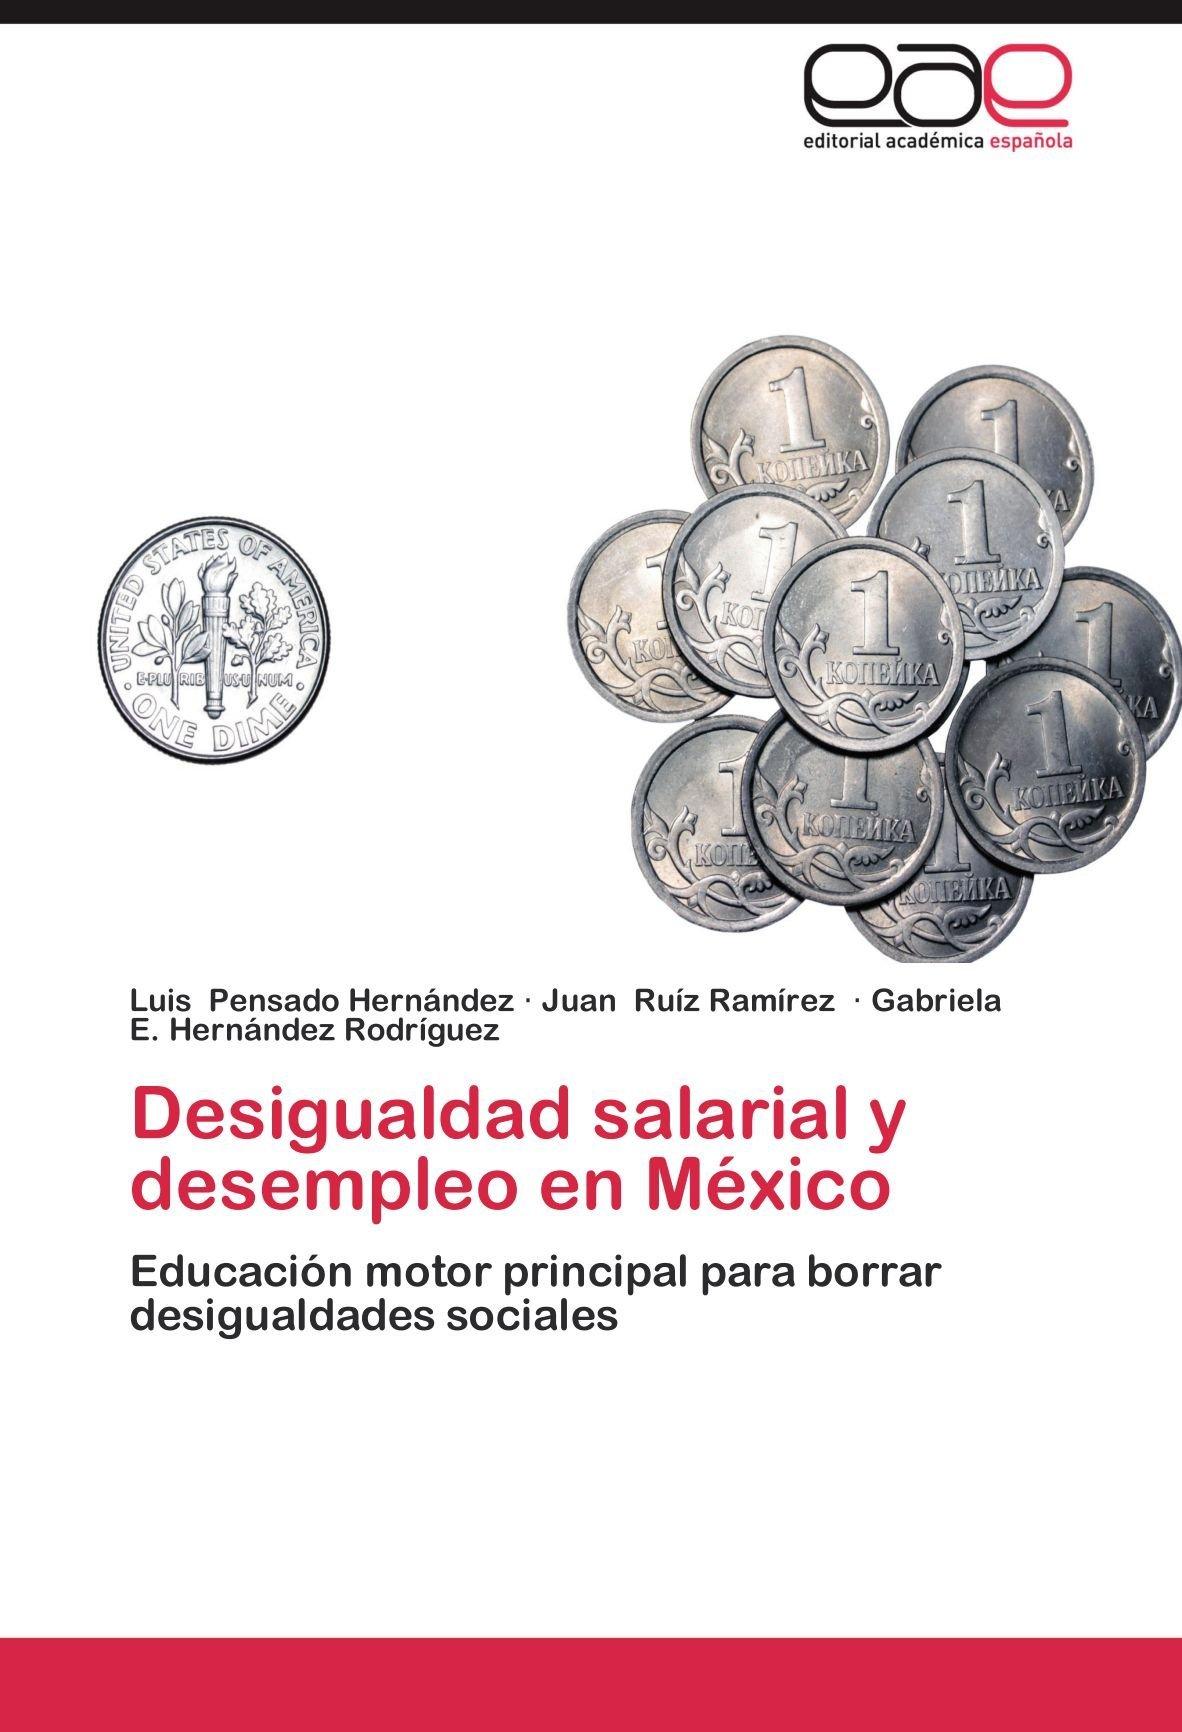 Desigualdad salarial y desempleo en México  by  Luis Pensado Hernández